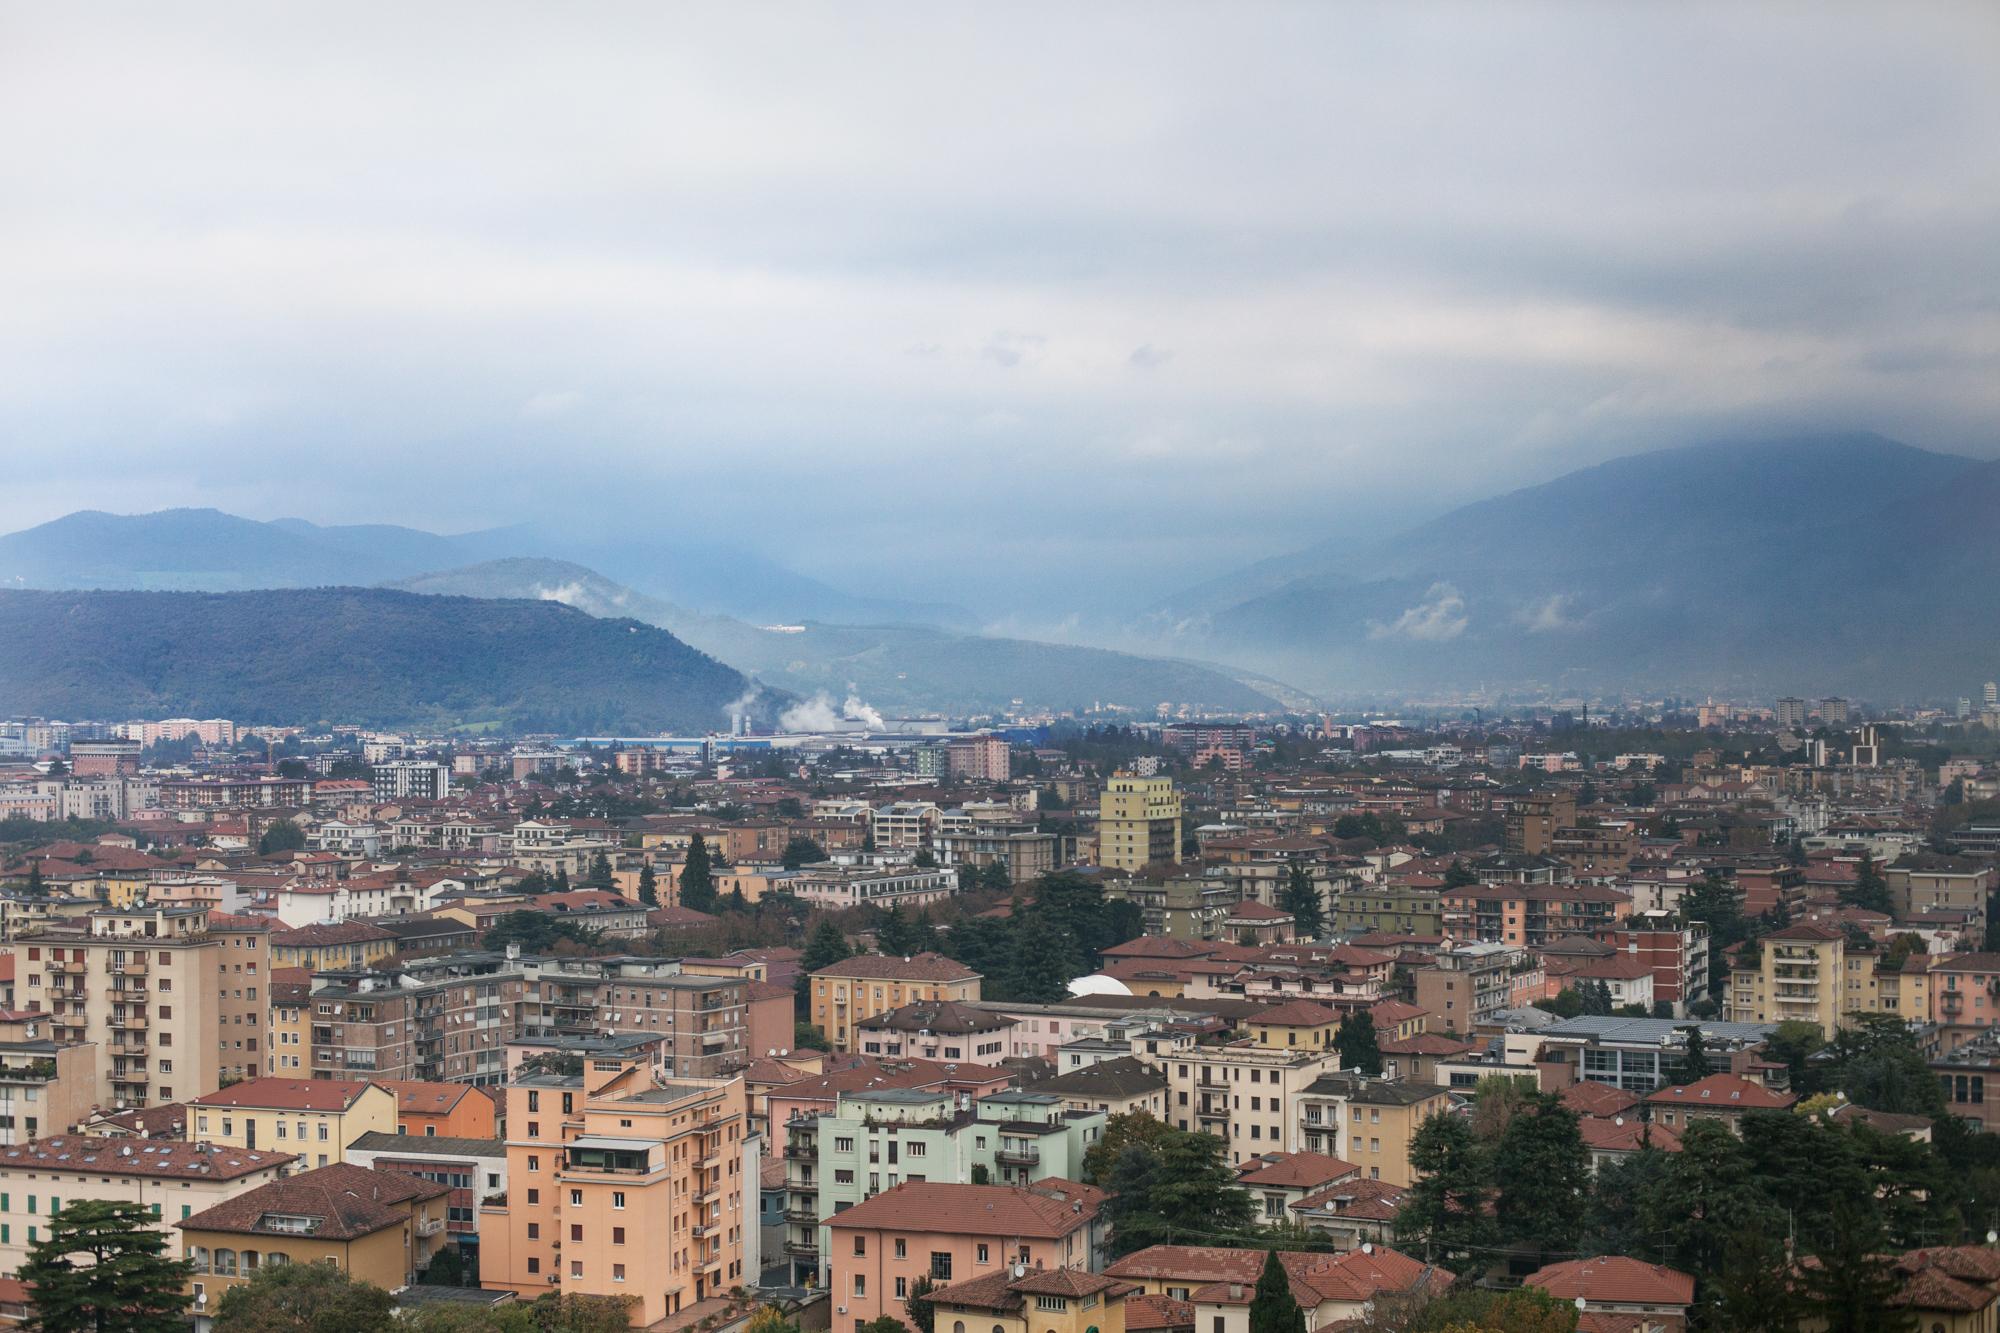 Vista sulla zona industriale di Brescia. L'azienda Caffaro si trova a soli due km dal centro della città.Brescia / Italia. Ottobre 2013.